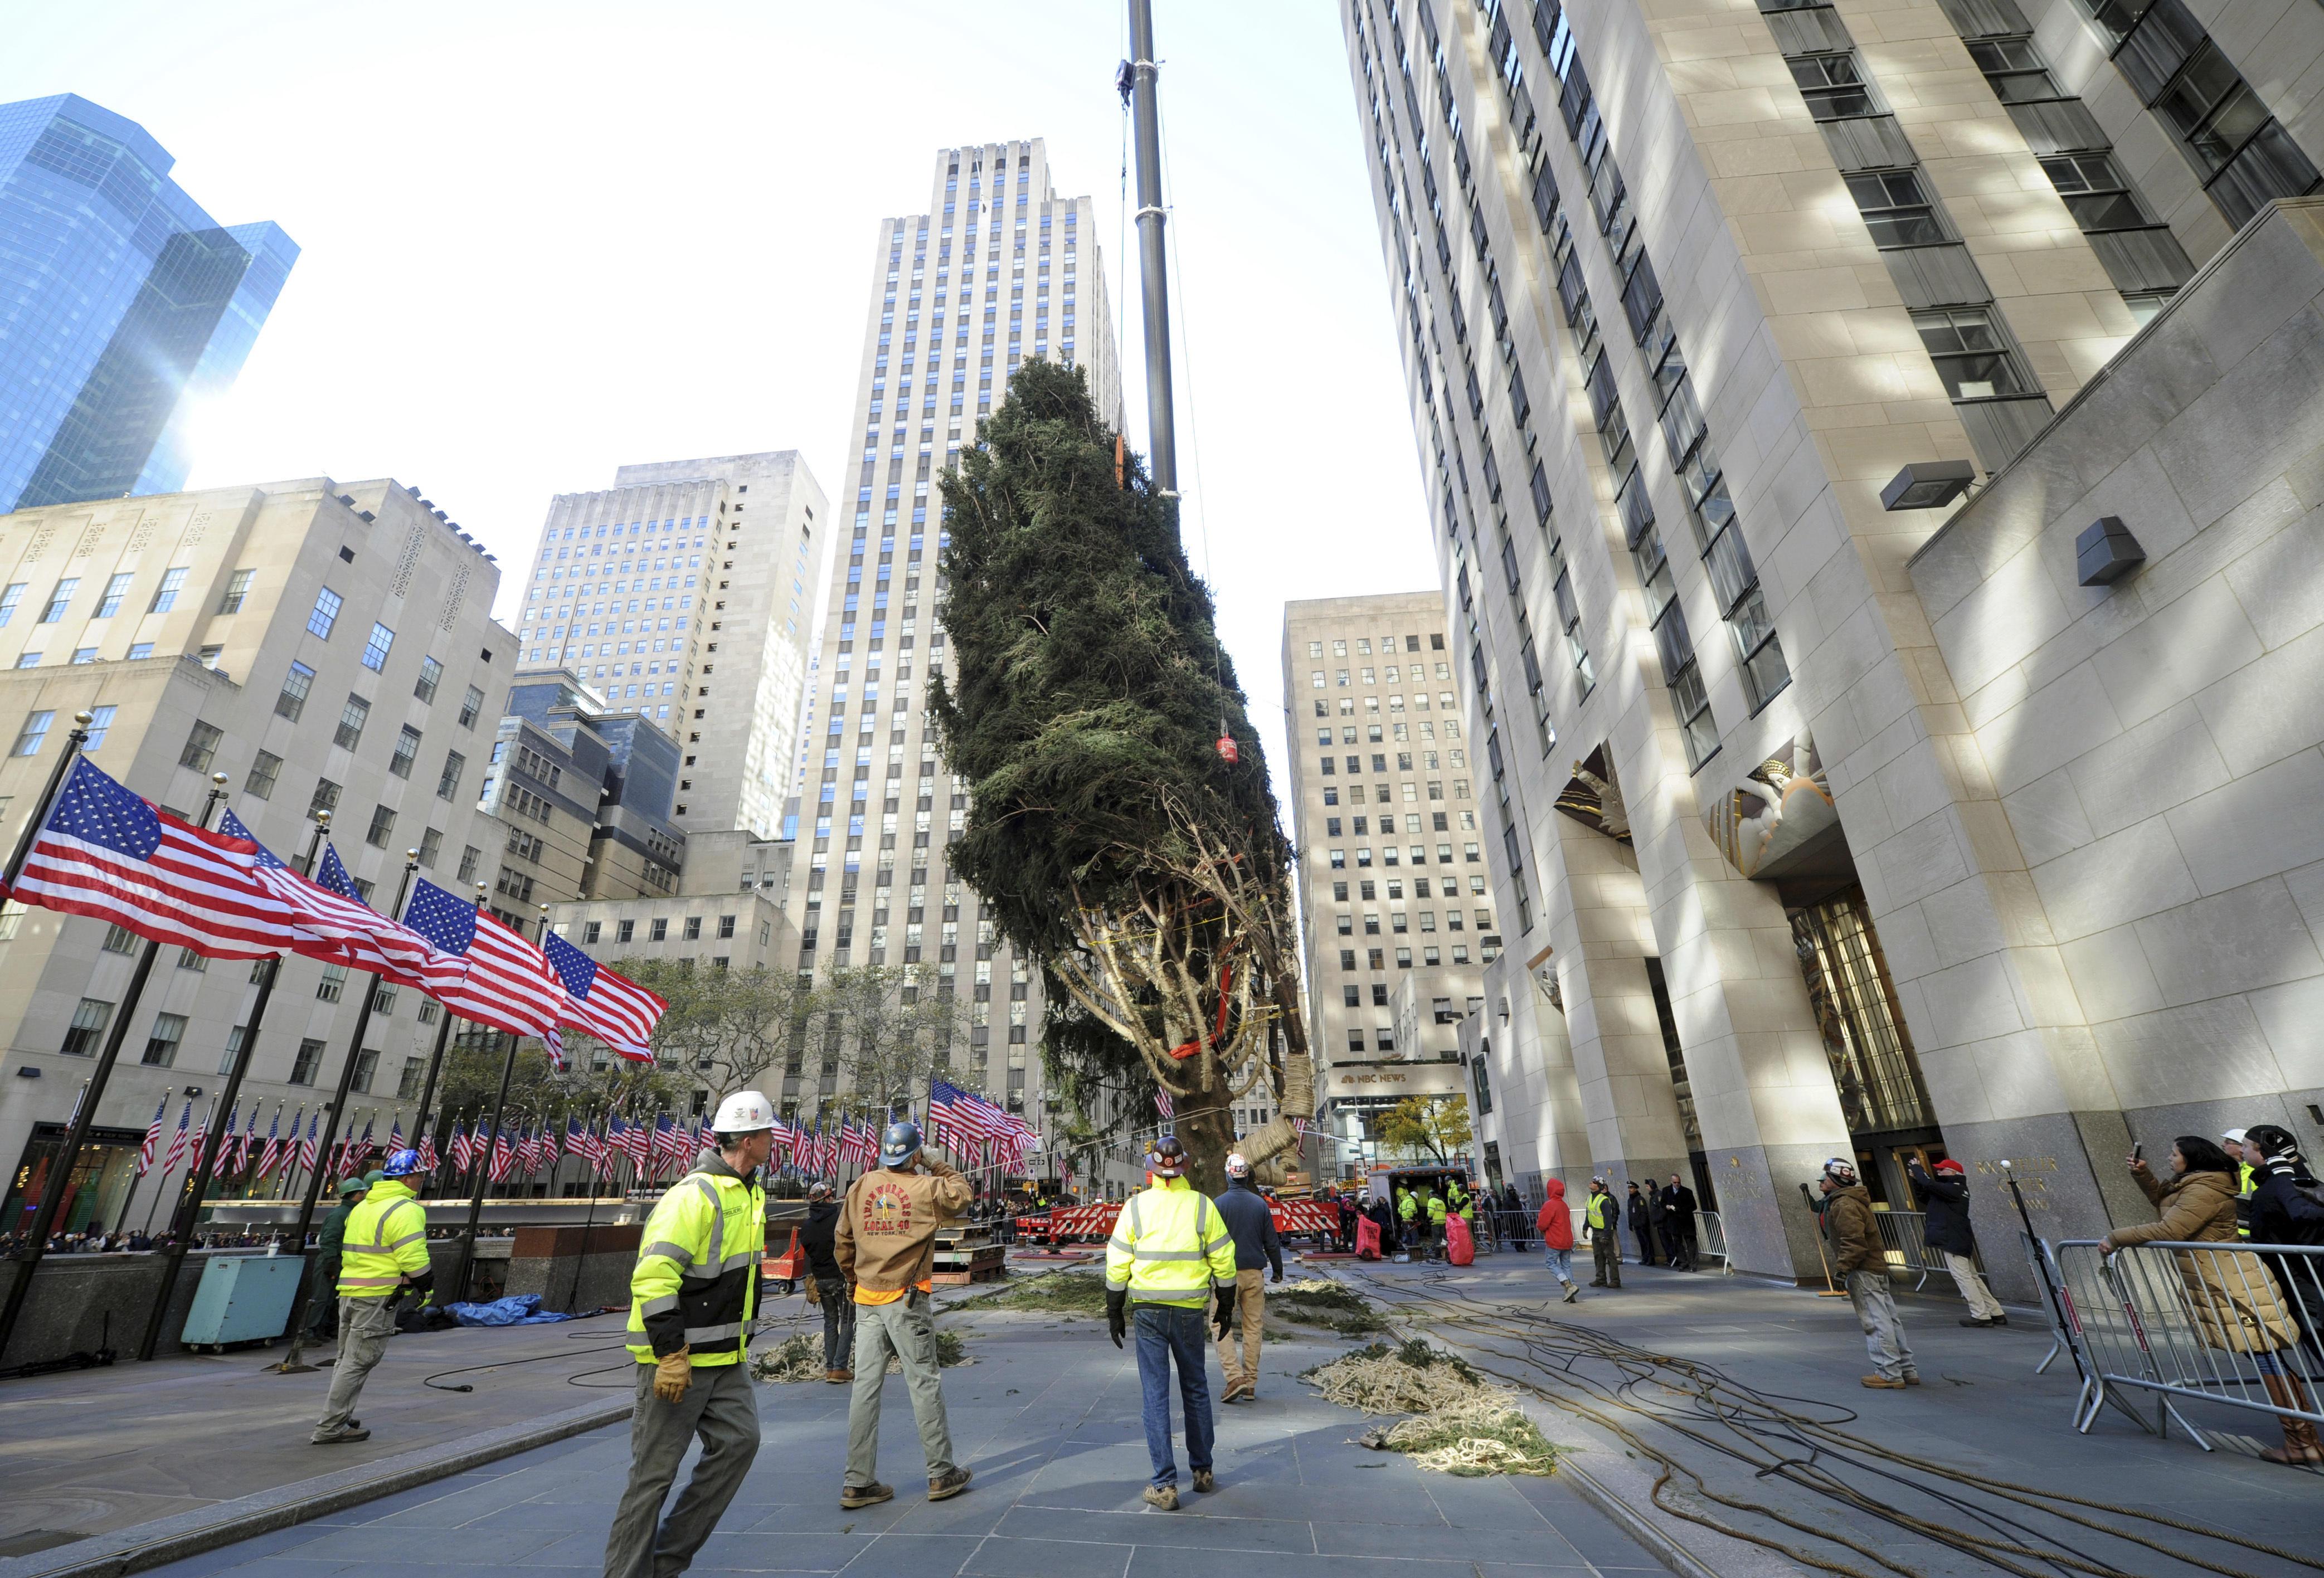 New York For Christmas.2017 Rockefeller Center Christmas Tree Arrives In New York